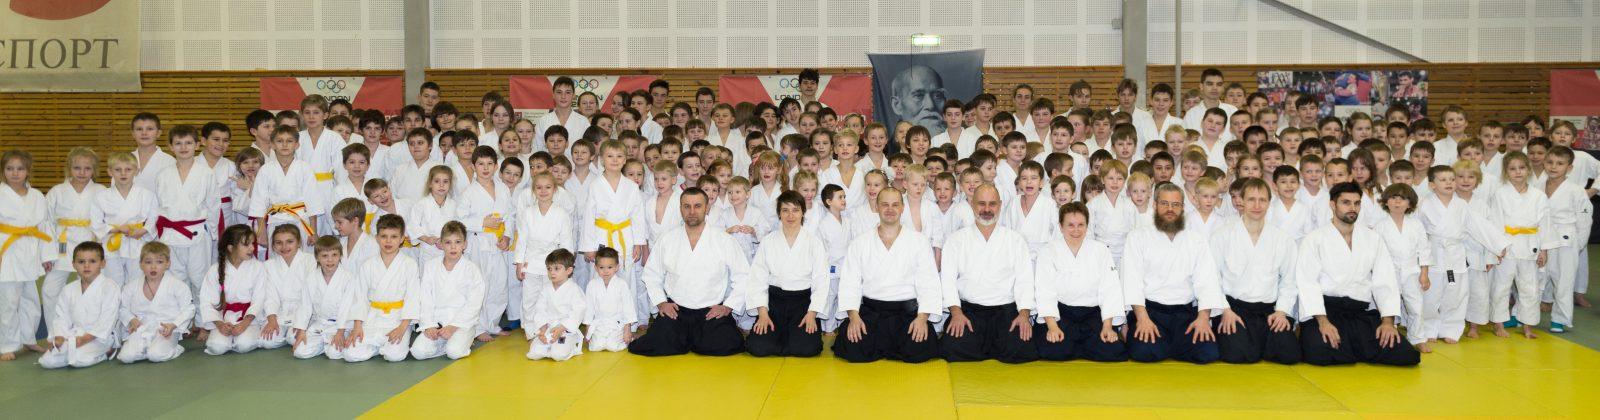 Общий снимок участников (два фото)